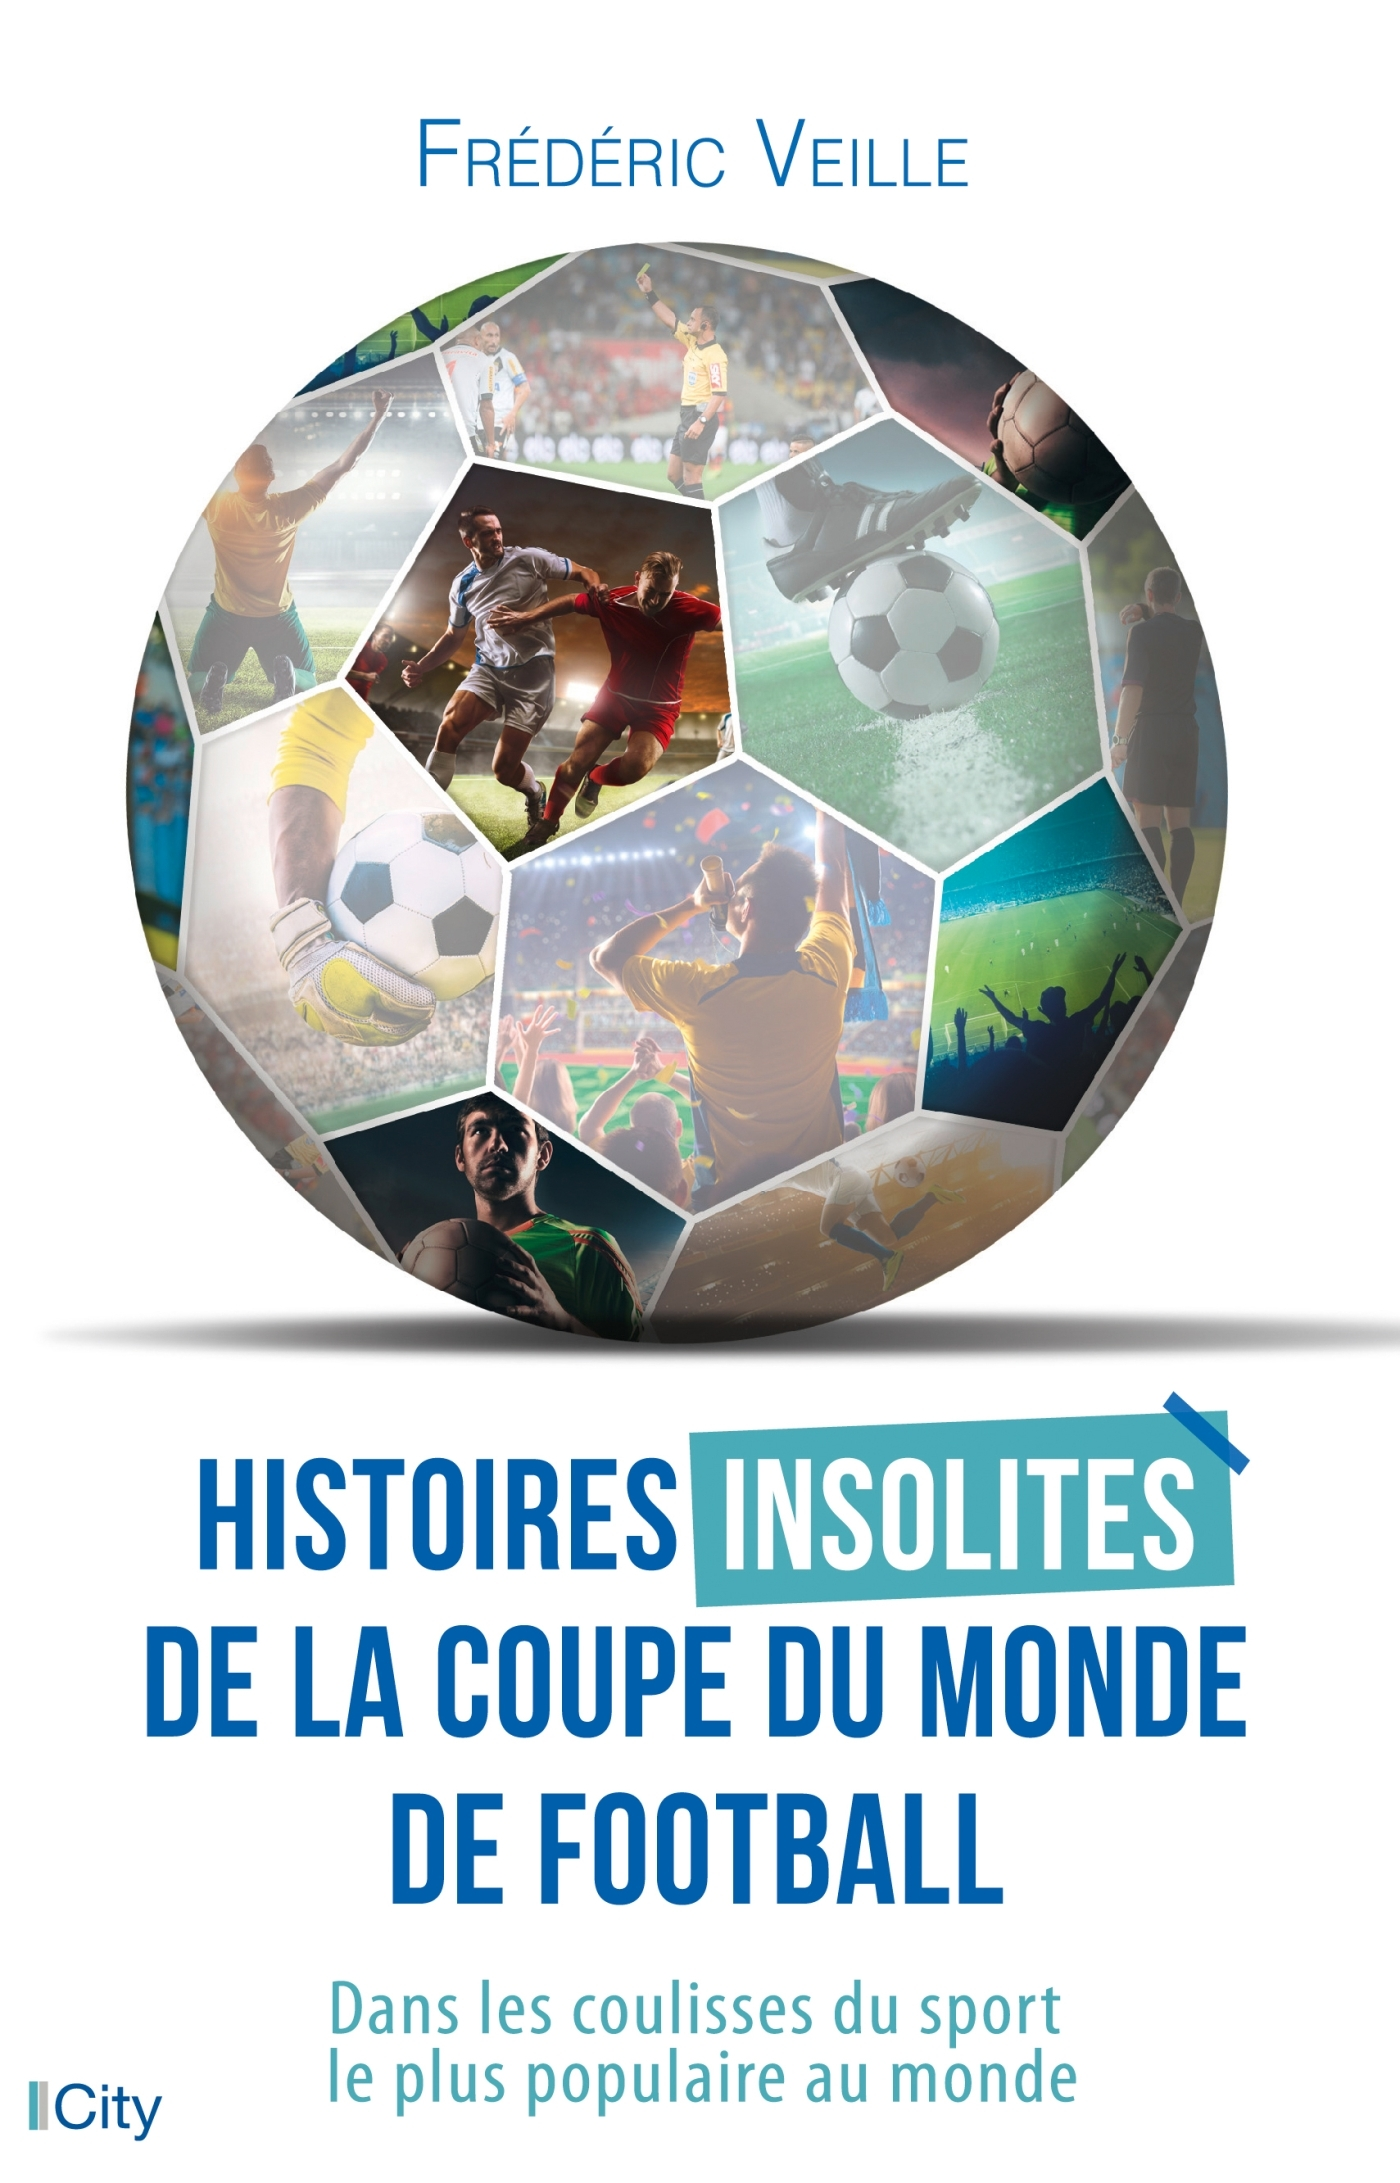 HISTOIRES INSOLITES DE LA COUPE DU MONDE DE FOOTBALL